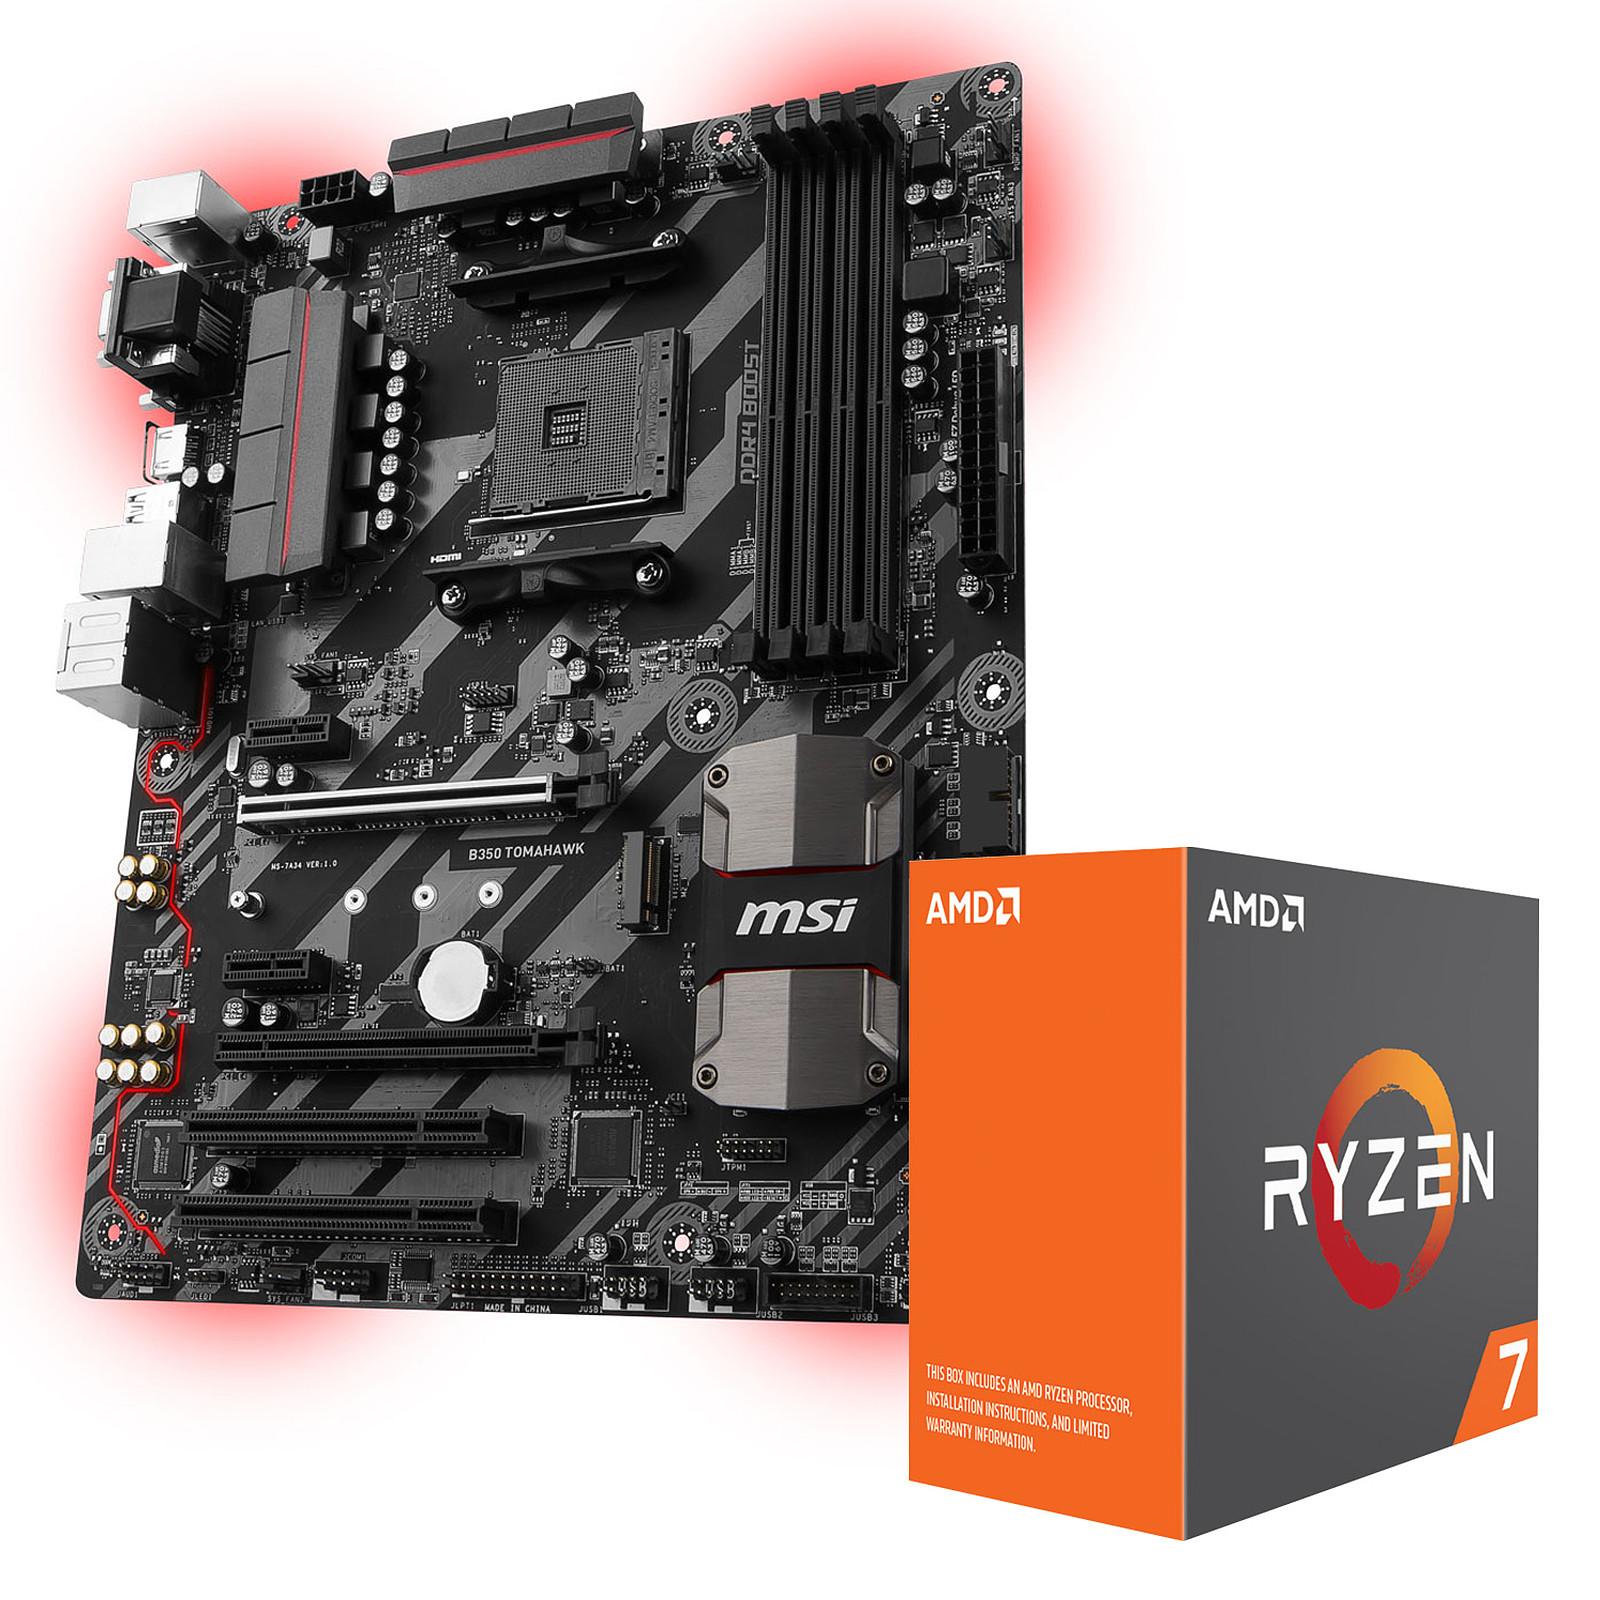 AMD Ryzen 7 1700X (3.4 GHz) + MSI B350 TOMAHAWK - Processeur AMD sur ... a0030a5d21a2